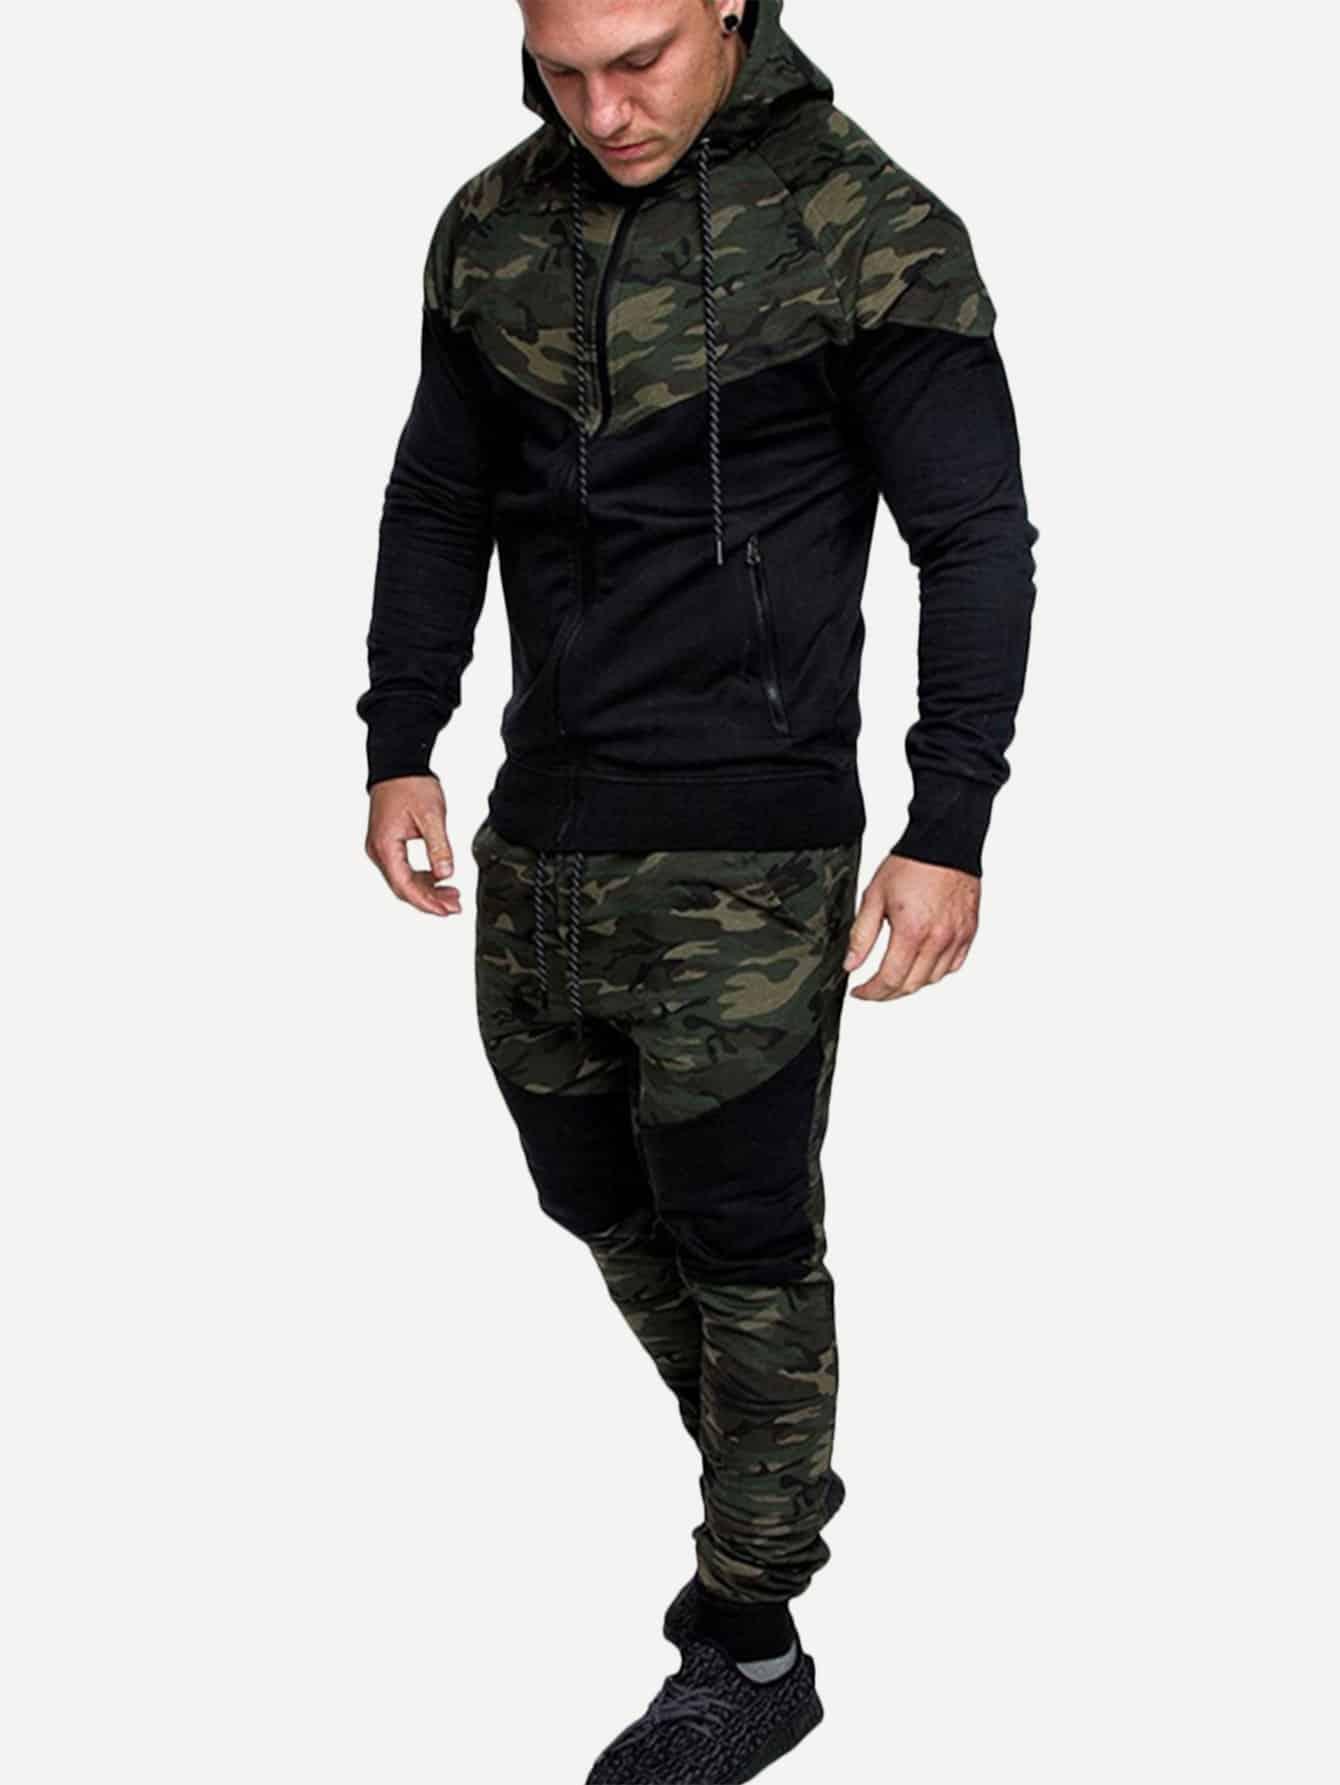 Симметрическая камуфляжная ветровка с капюшоном и брюки с басоном эластичным для мужчины от SheIn